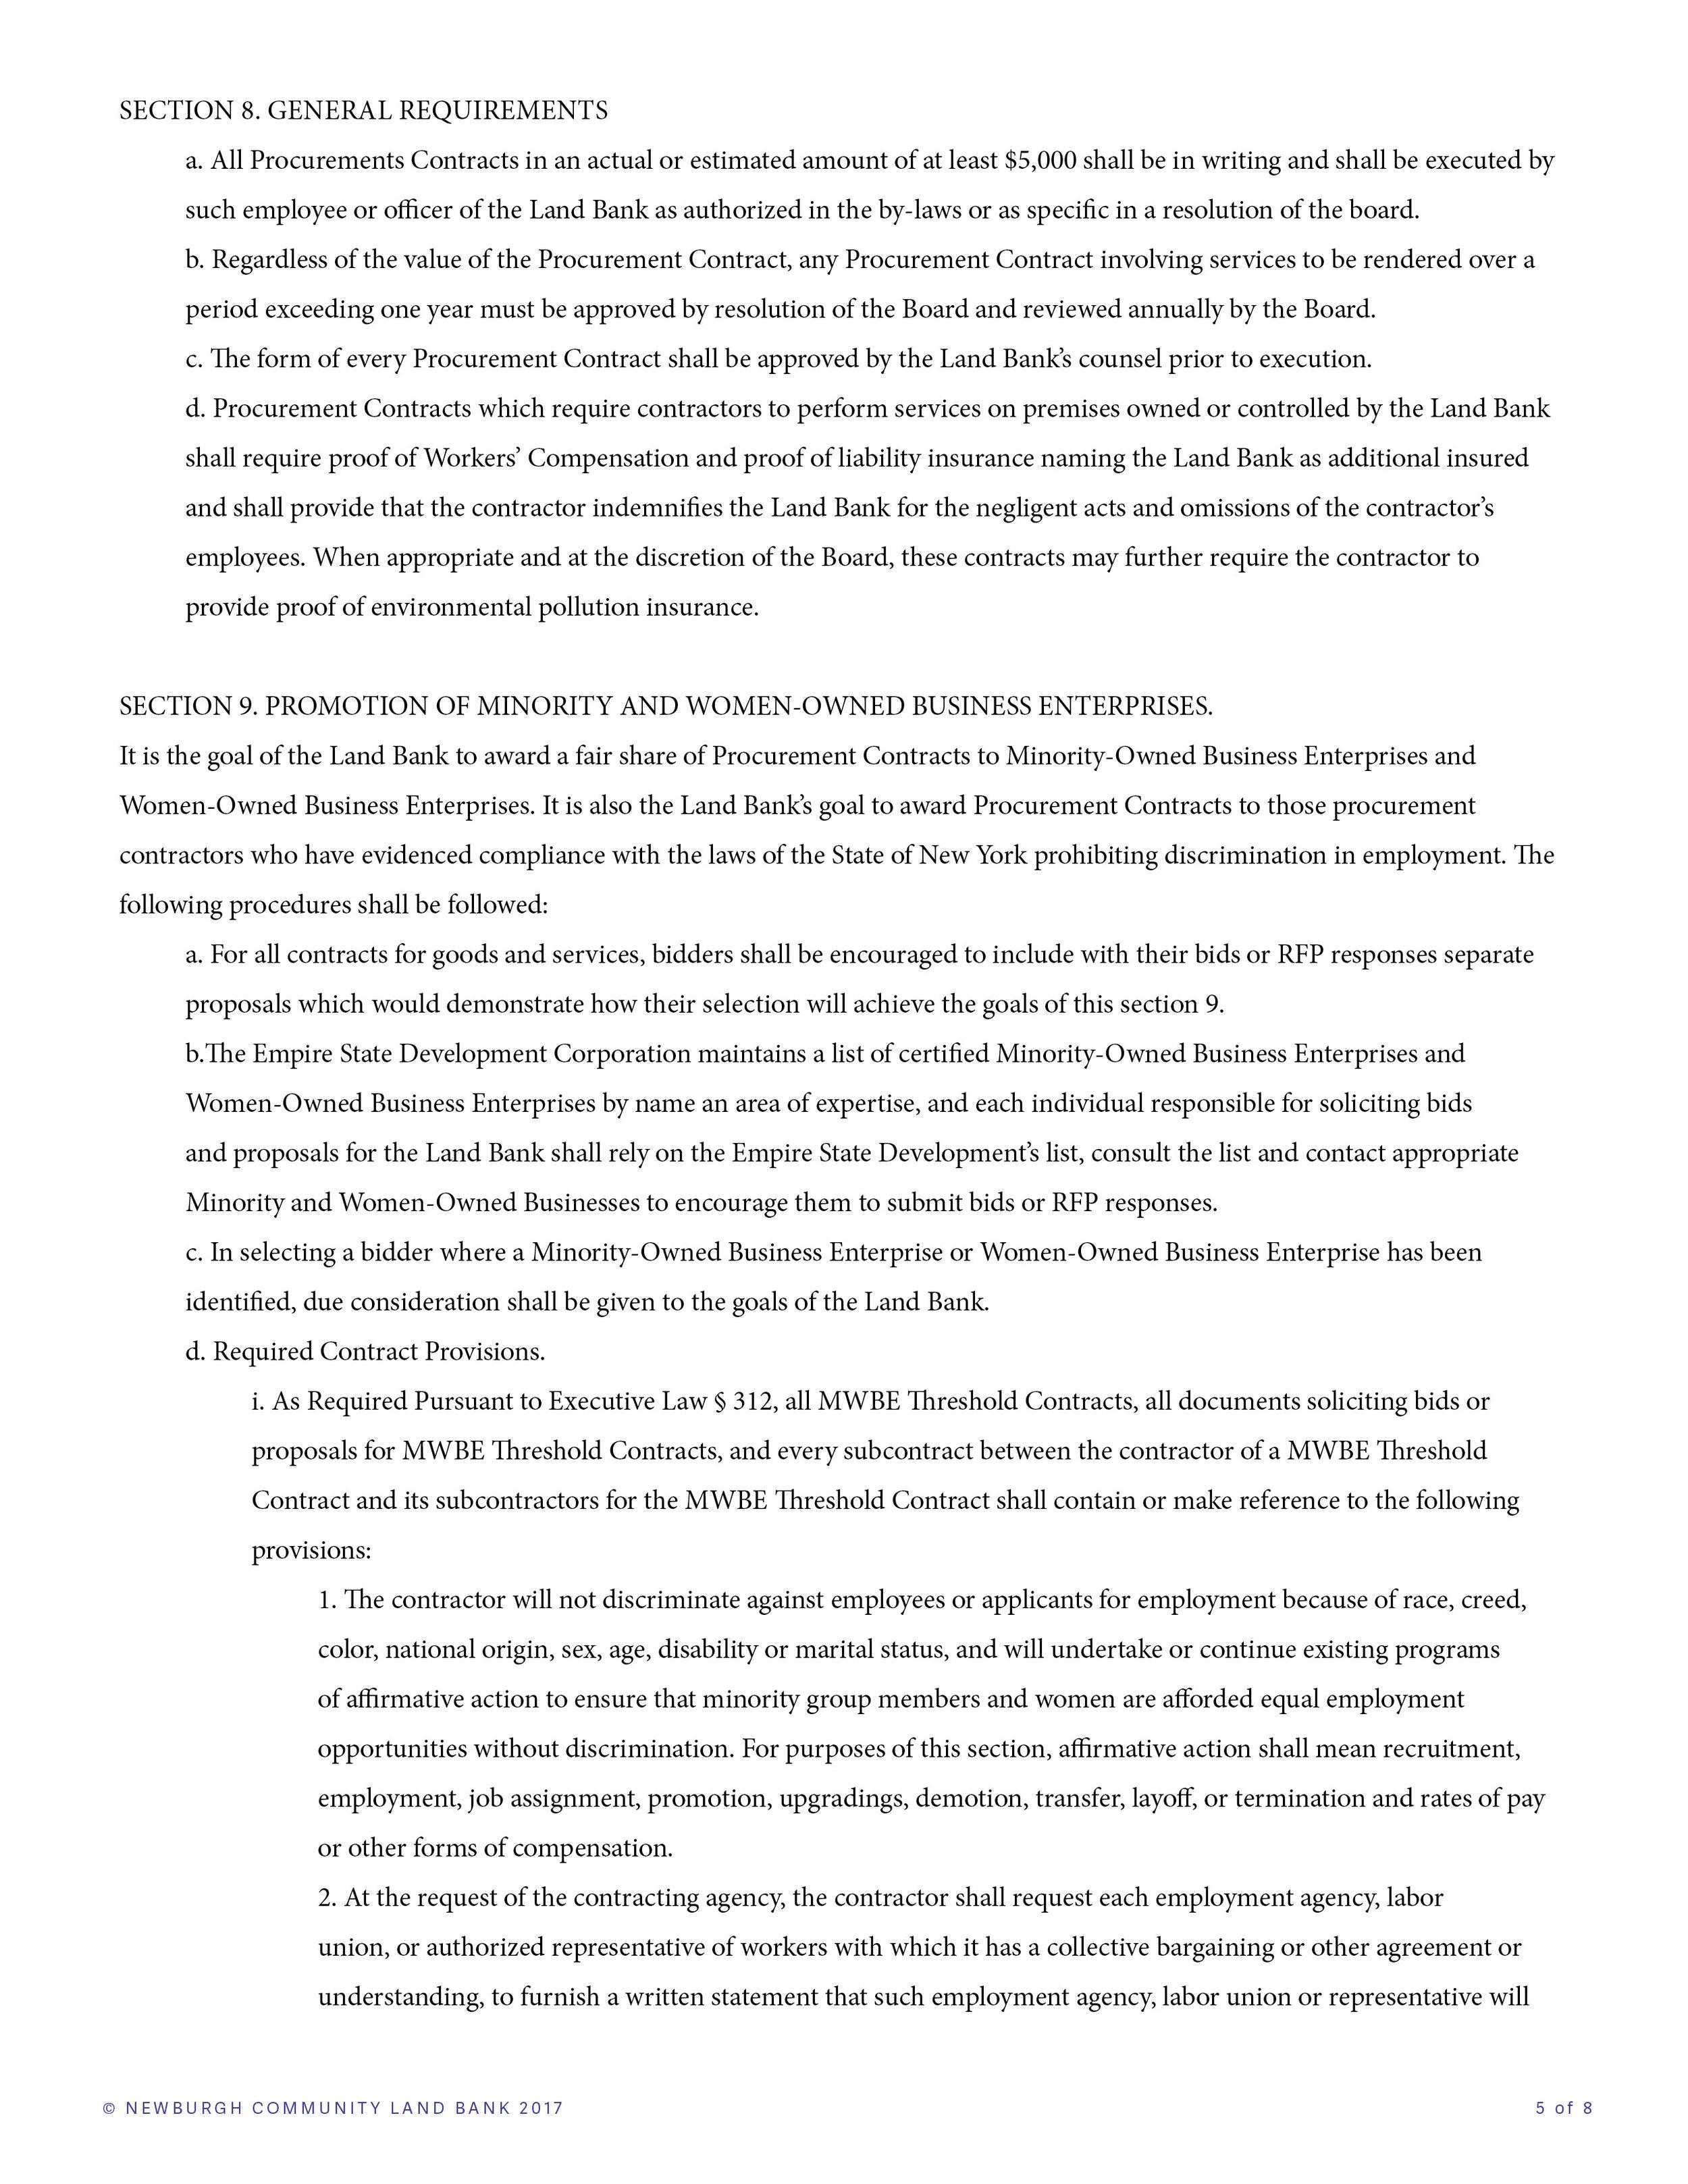 NCLB Procurement Policy5.jpg